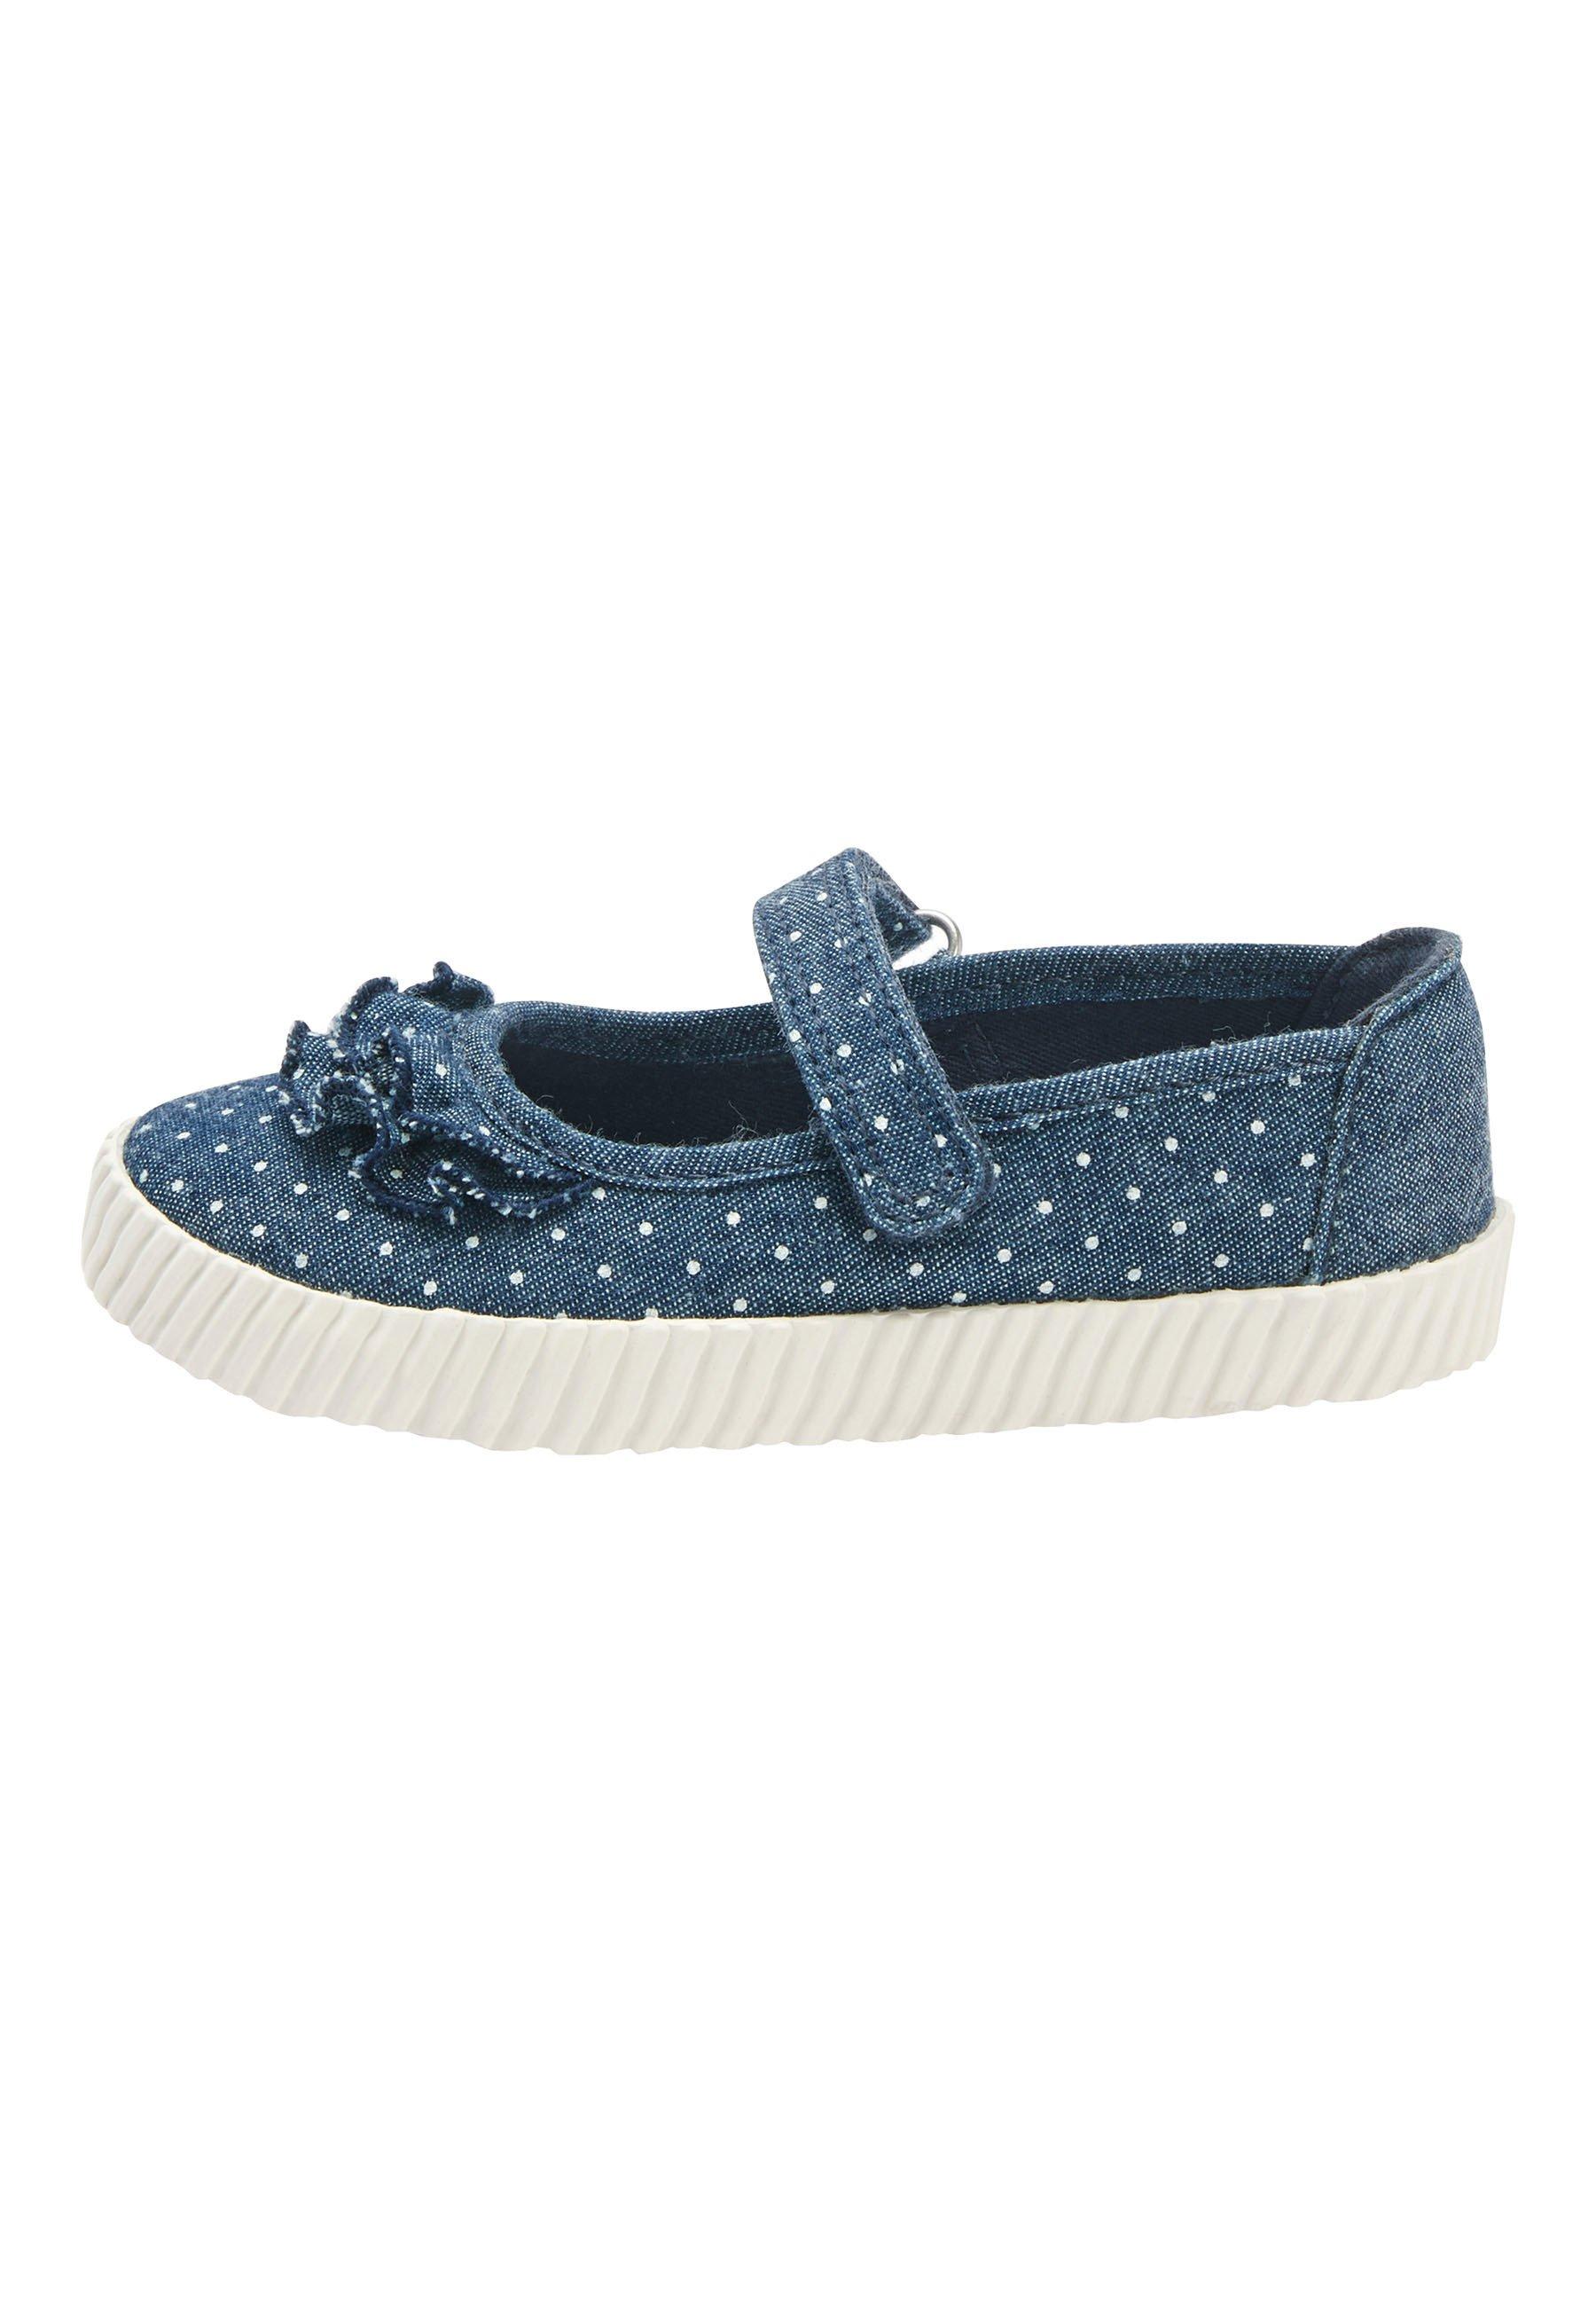 Enfant DENIM SPOT RUFFLE MARY JANE PUMPS (YOUNGER) - Chaussures premiers pas